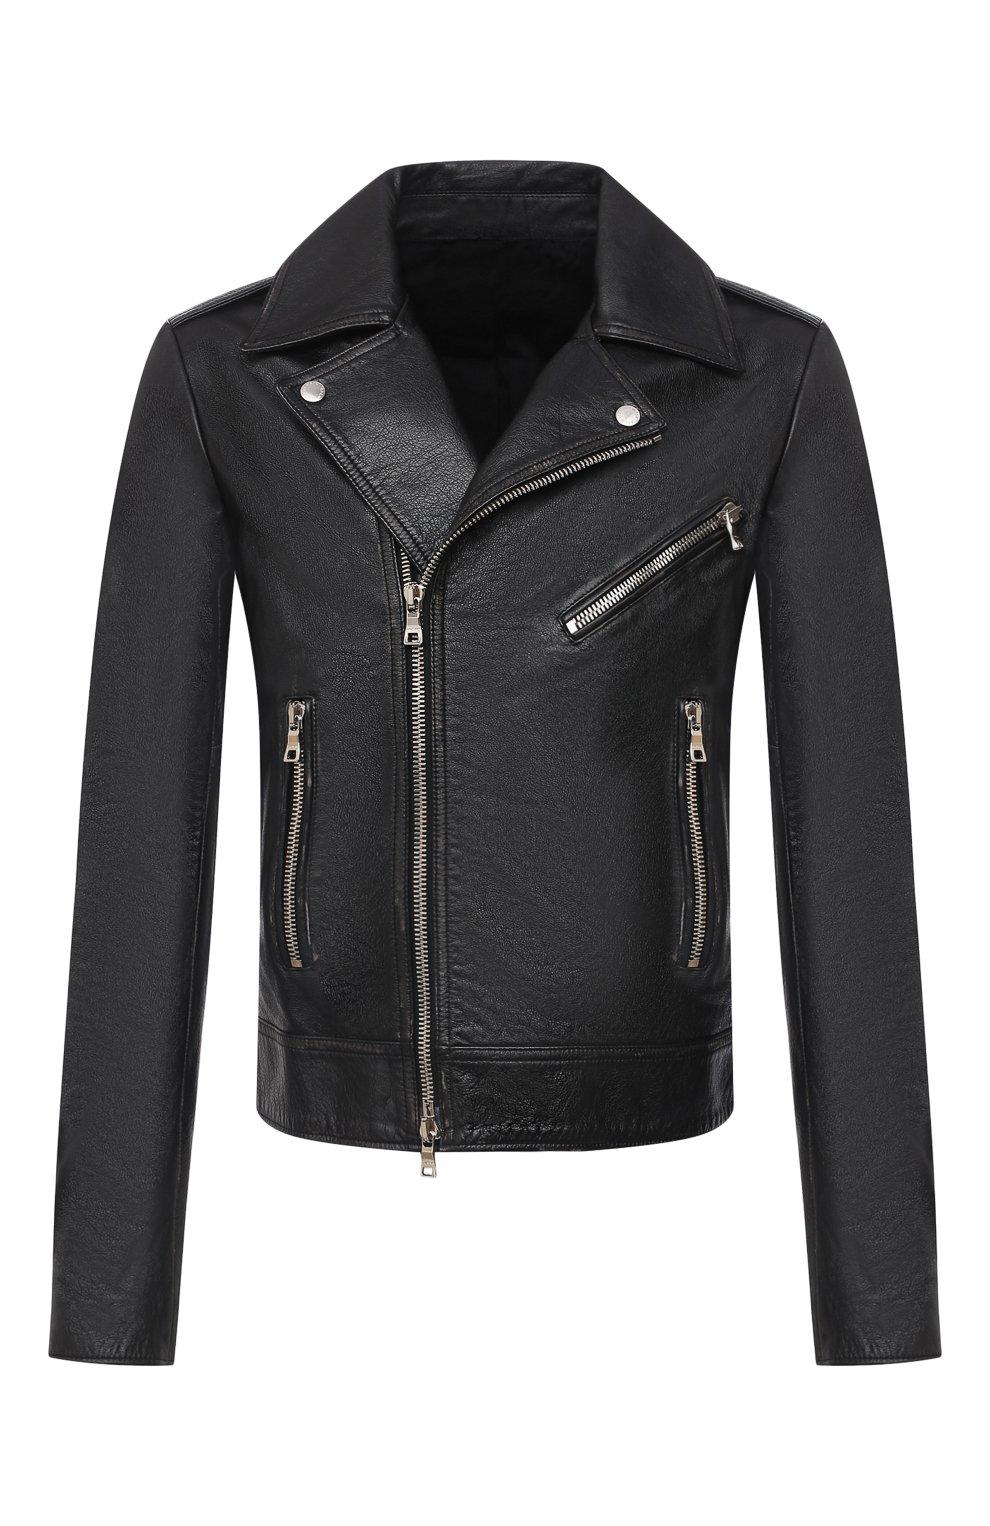 Мужская кожаная куртка BALMAIN черного цвета, арт. UH18137/Z307   Фото 1 (Кросс-КТ: Куртка; Рукава: Длинные; Мужское Кросс-КТ: Верхняя одежда, Кожа и замша; Длина (верхняя одежда): Короткие; Материал подклада: Хлопок)